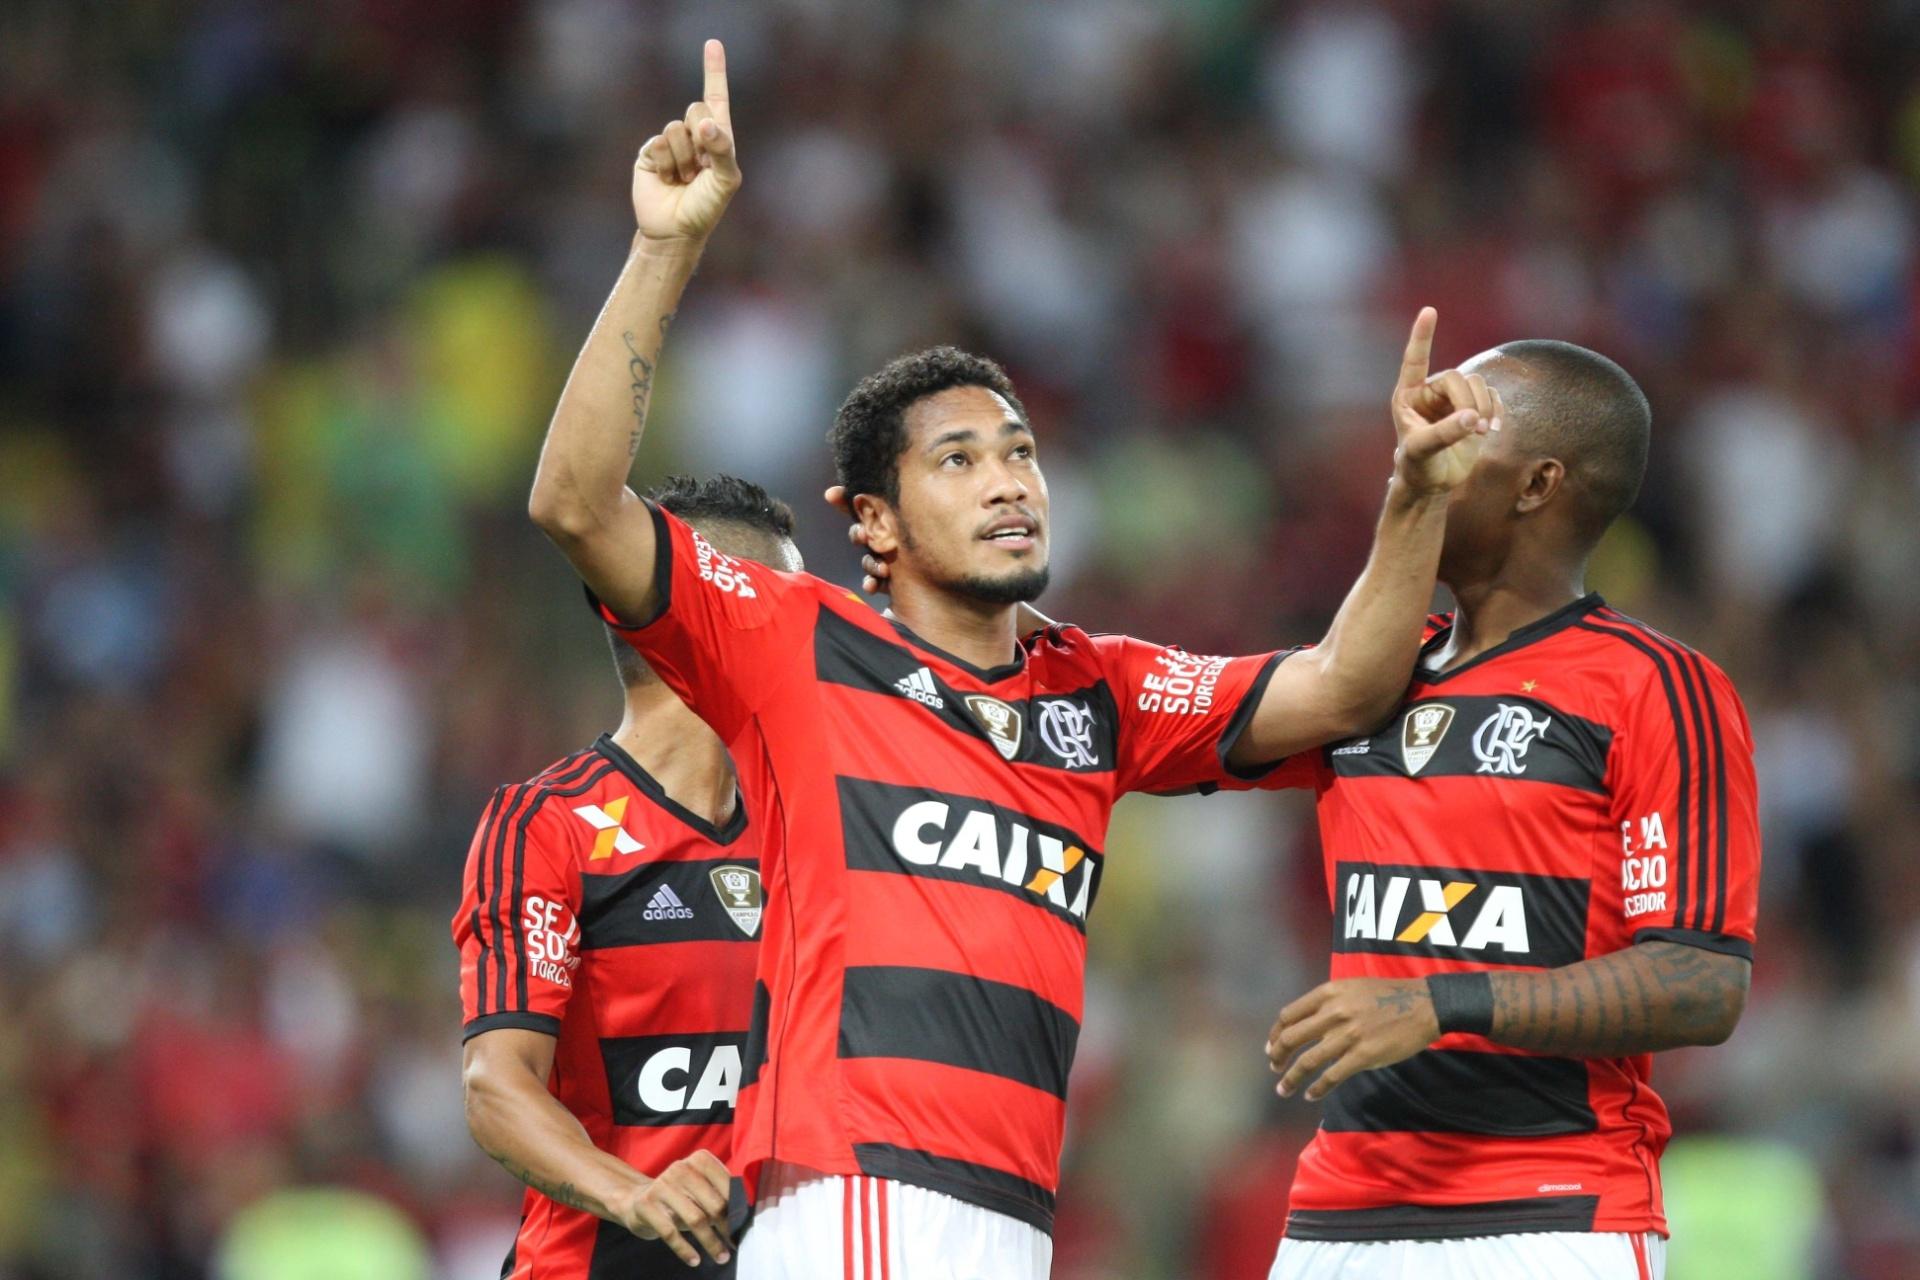 Atacante Hernane Brocador comemorando com a camisa do Flamengo